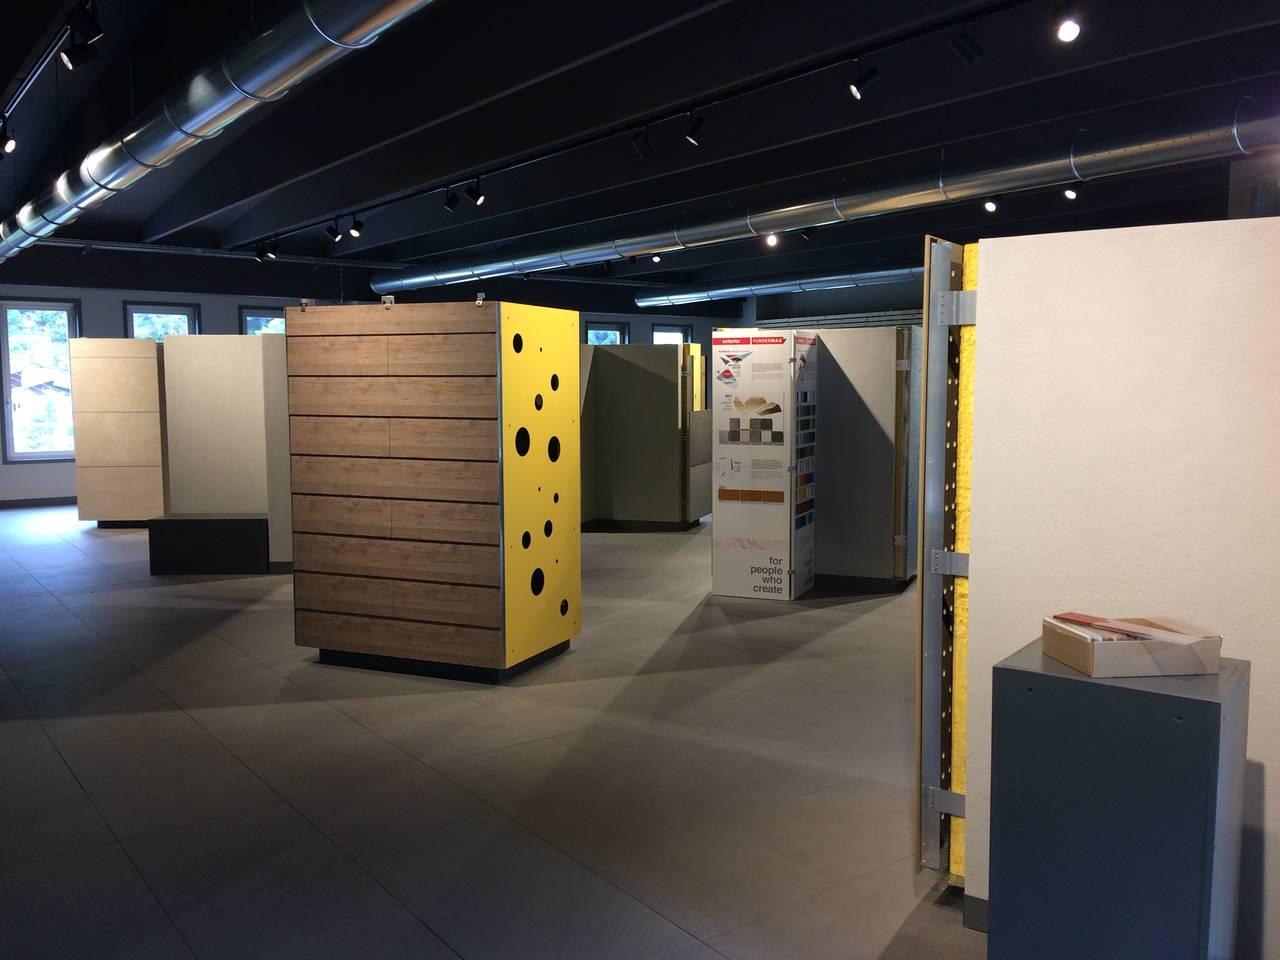 Duesse Coperture inaugura il suo primo e unico showroom in provincia di Bergamo dedicato alle facciate ventilate